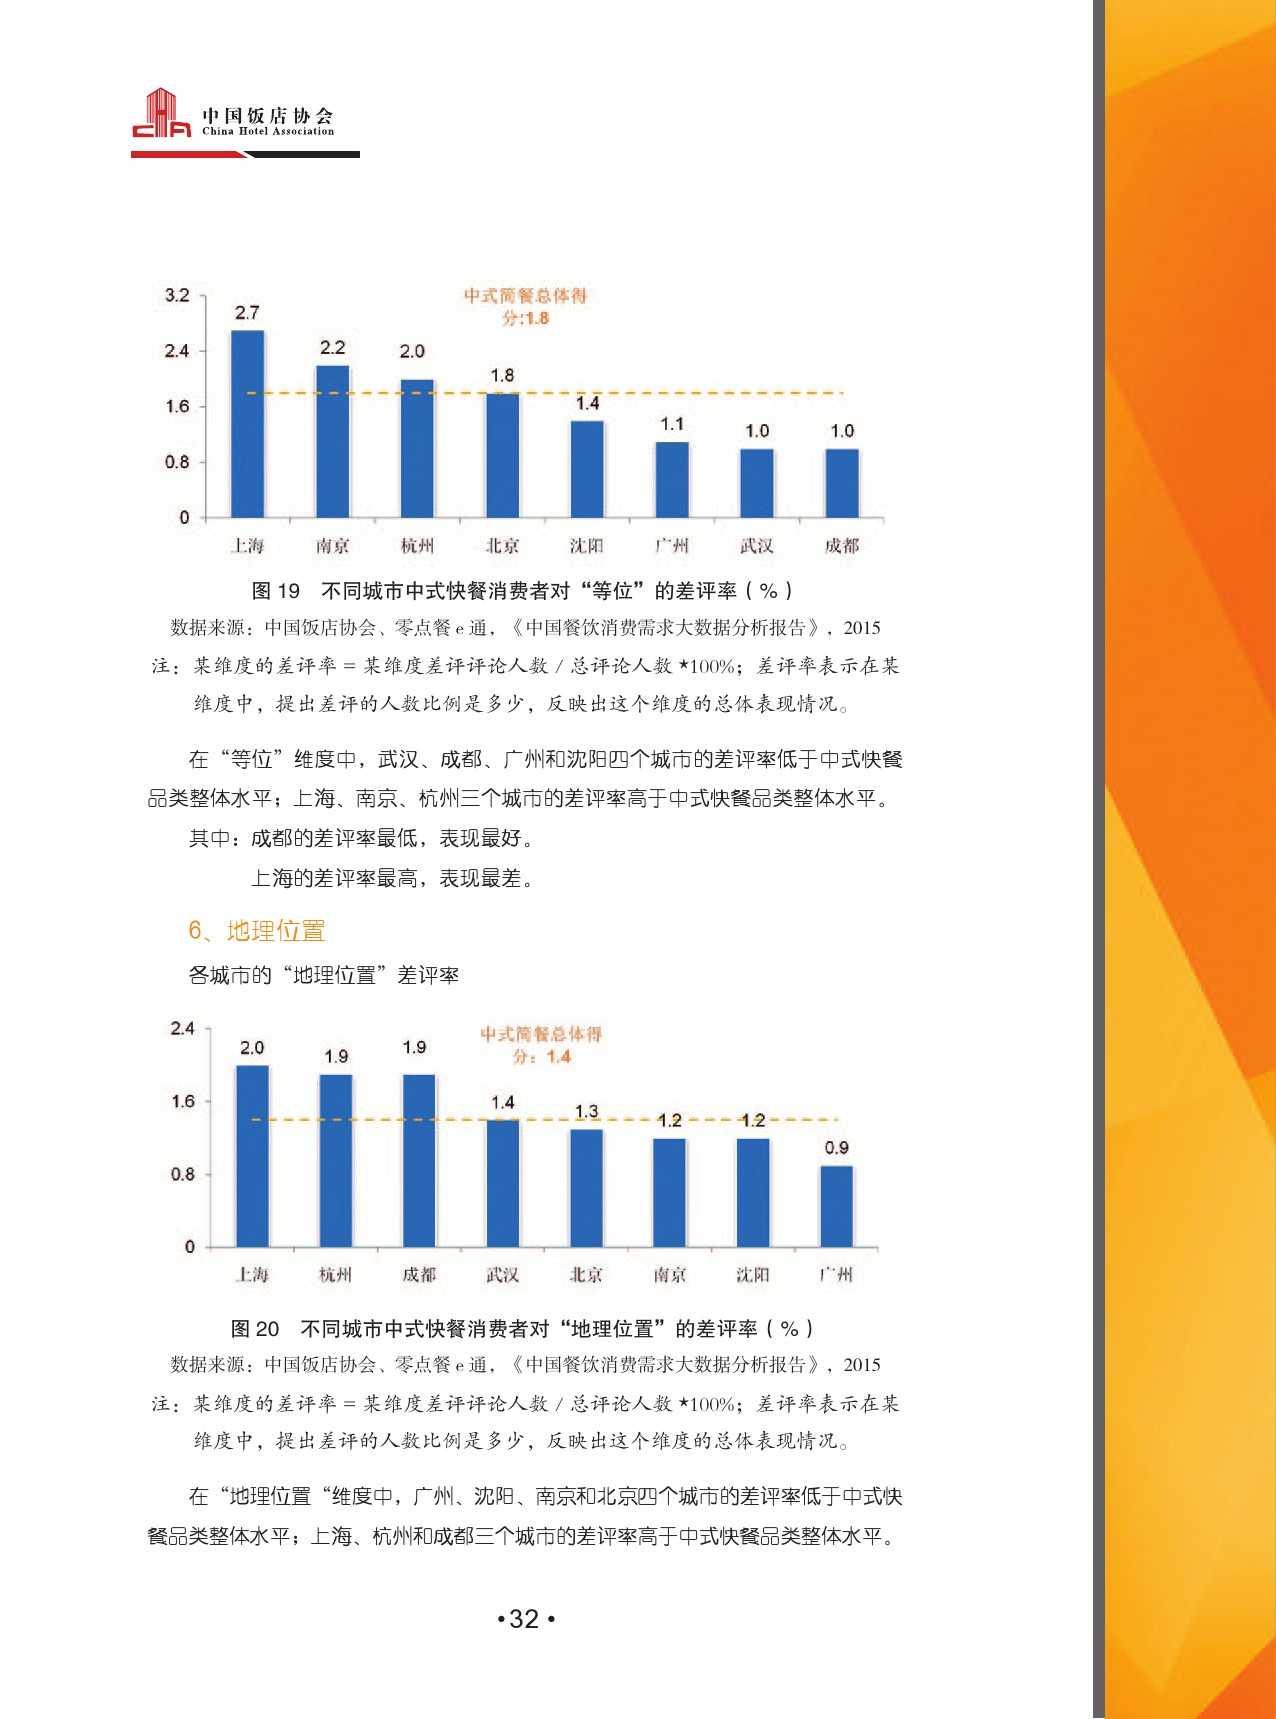 2015中国餐饮消费需求大数据分析报告_000034